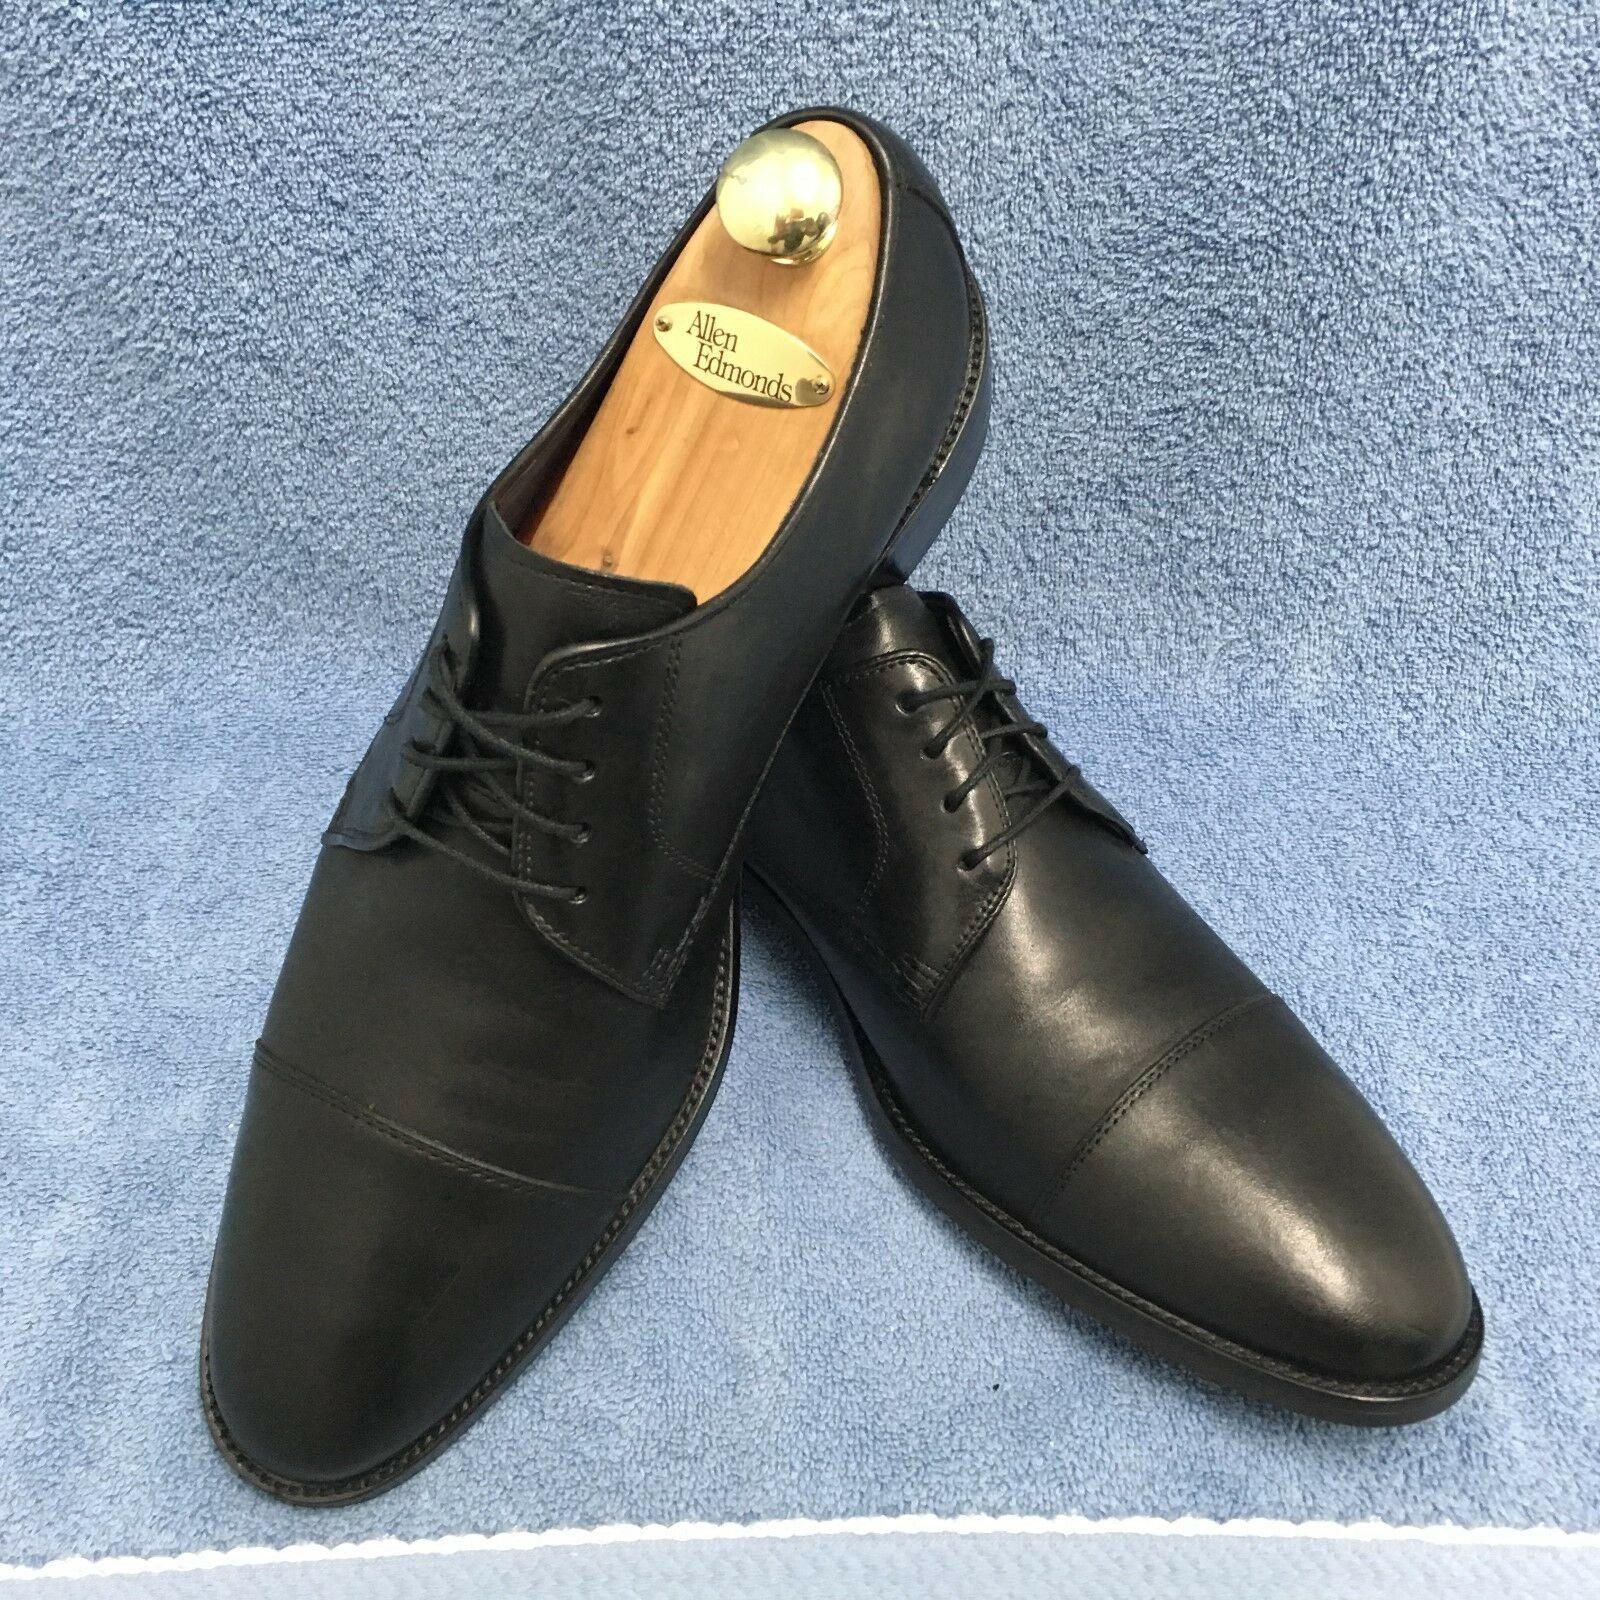 Cole Haan Lenox Hill Cap Toe Oxfords Black Leather Men's Size 12 M C11630 GUC